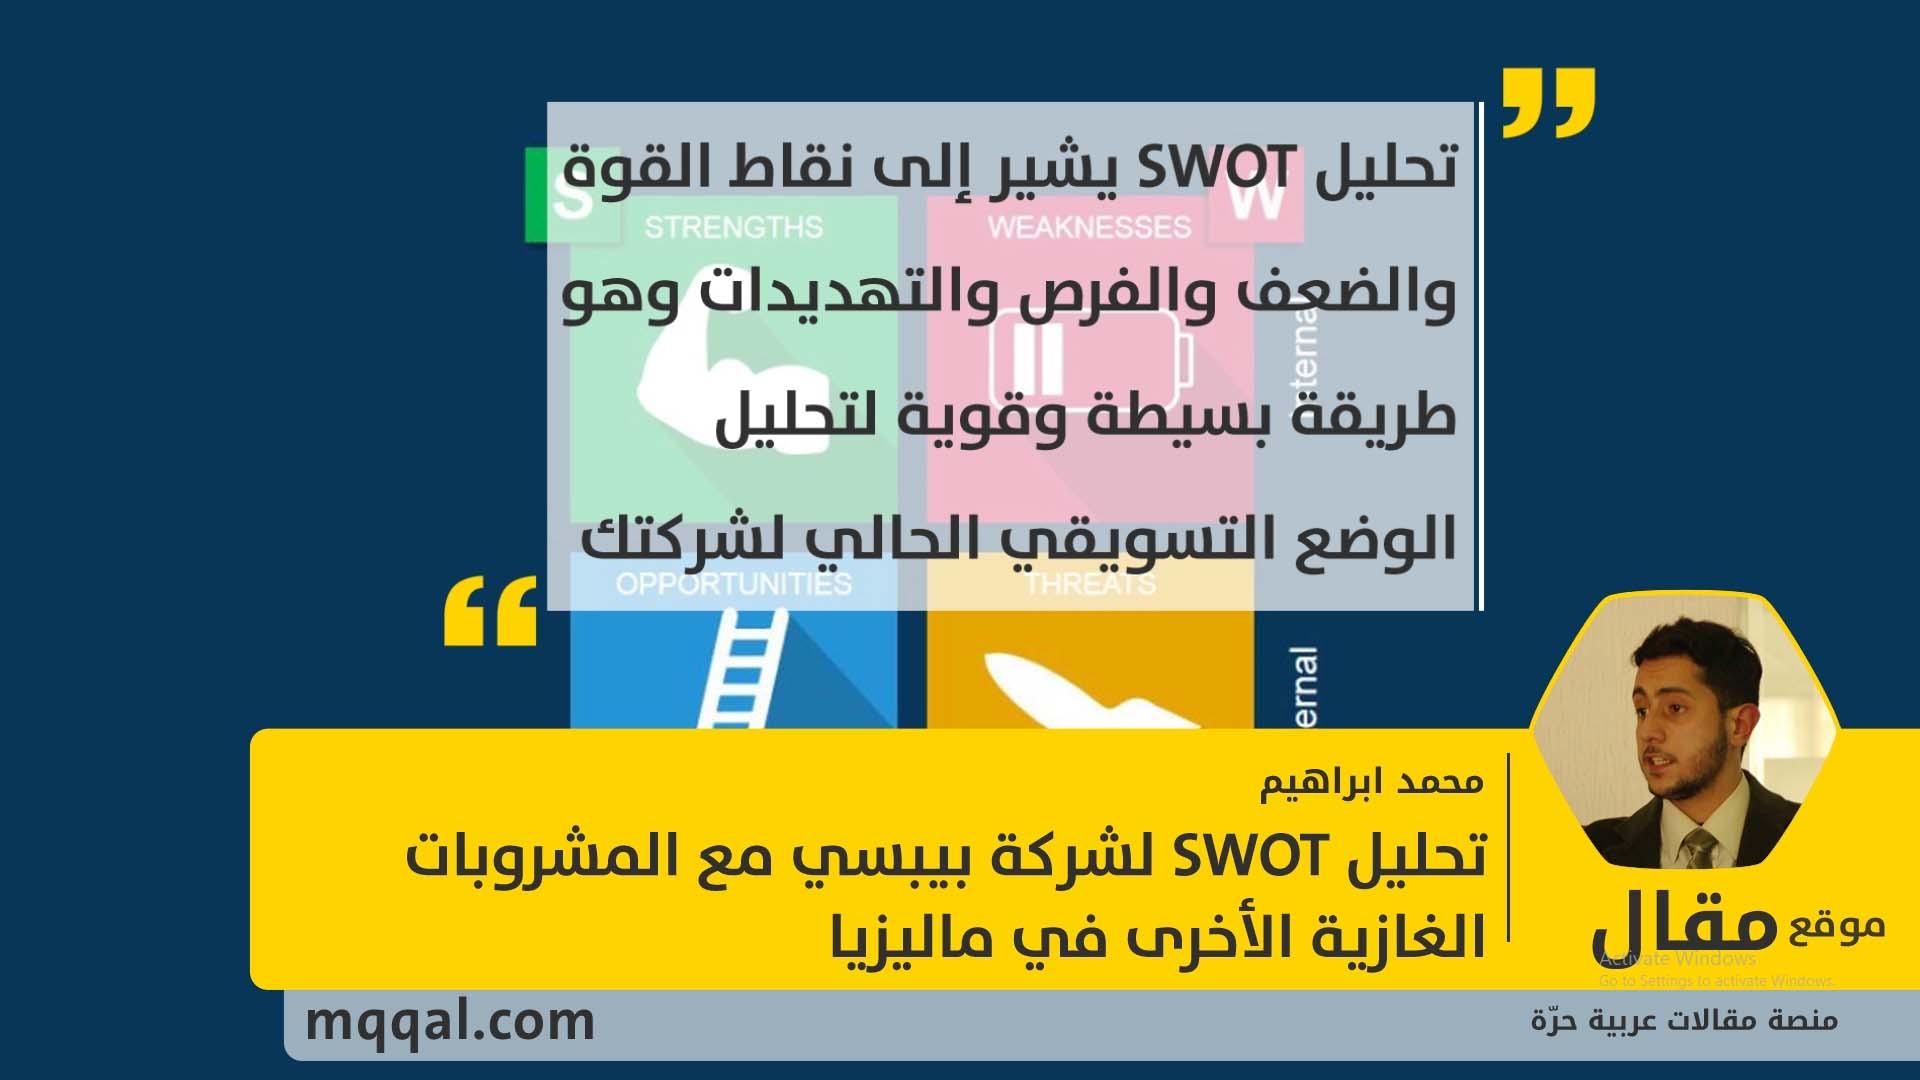 تحليل Swot لشركة بيبسي مع المشروبات الغازية الأخرى في